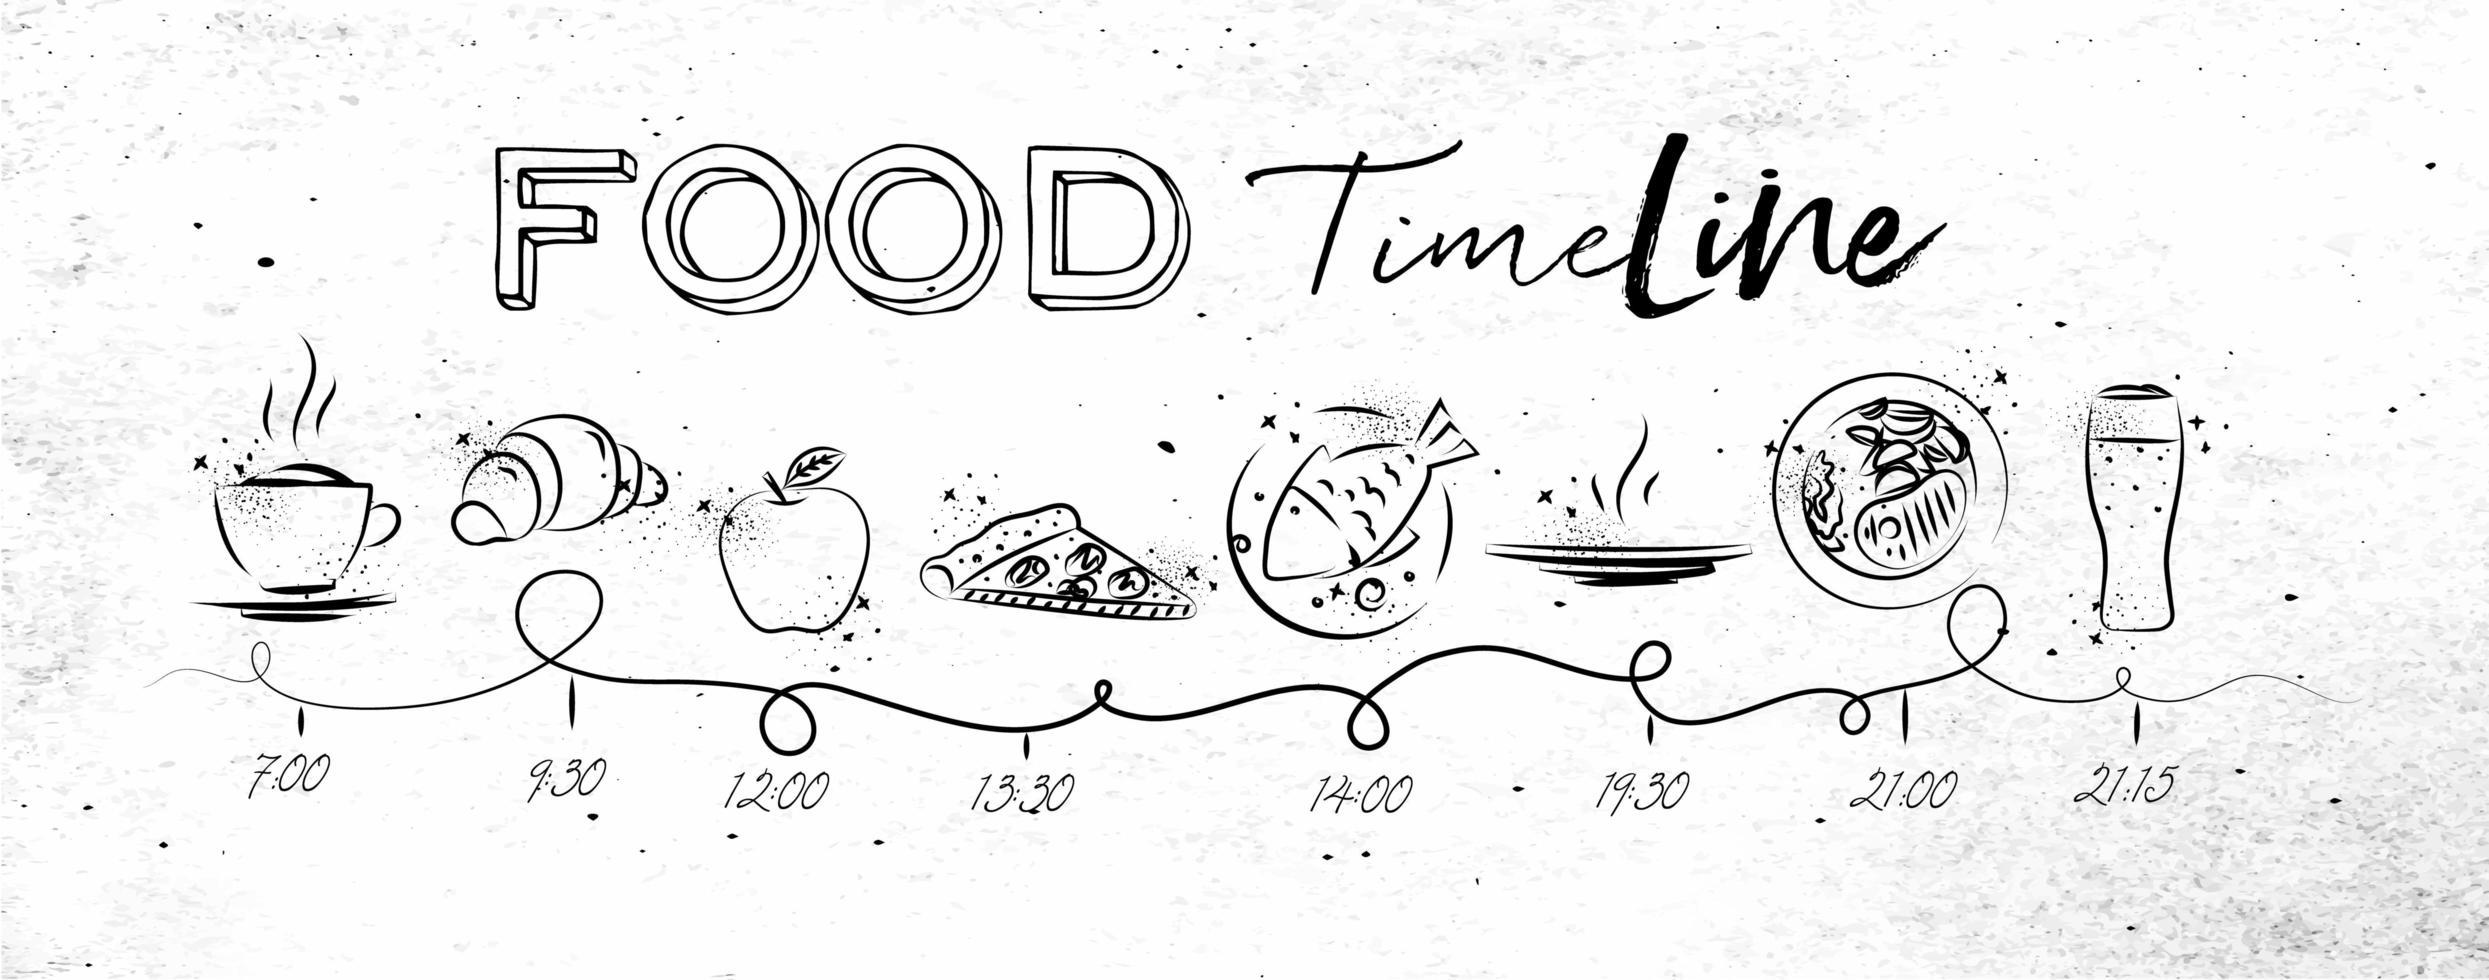 Chronologie de la nourriture sur papier sale dans un style grunge vecteur